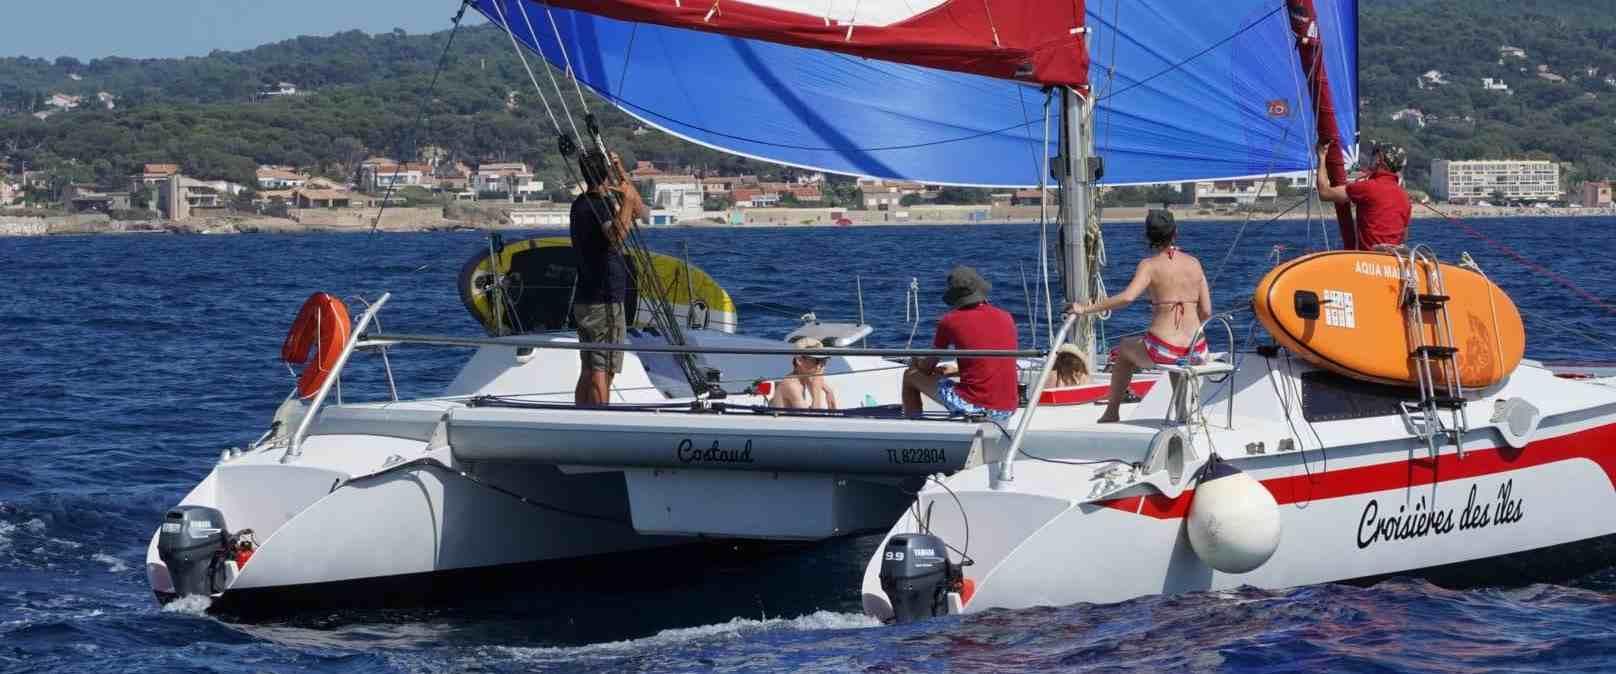 Une journée en catamaran entre amis